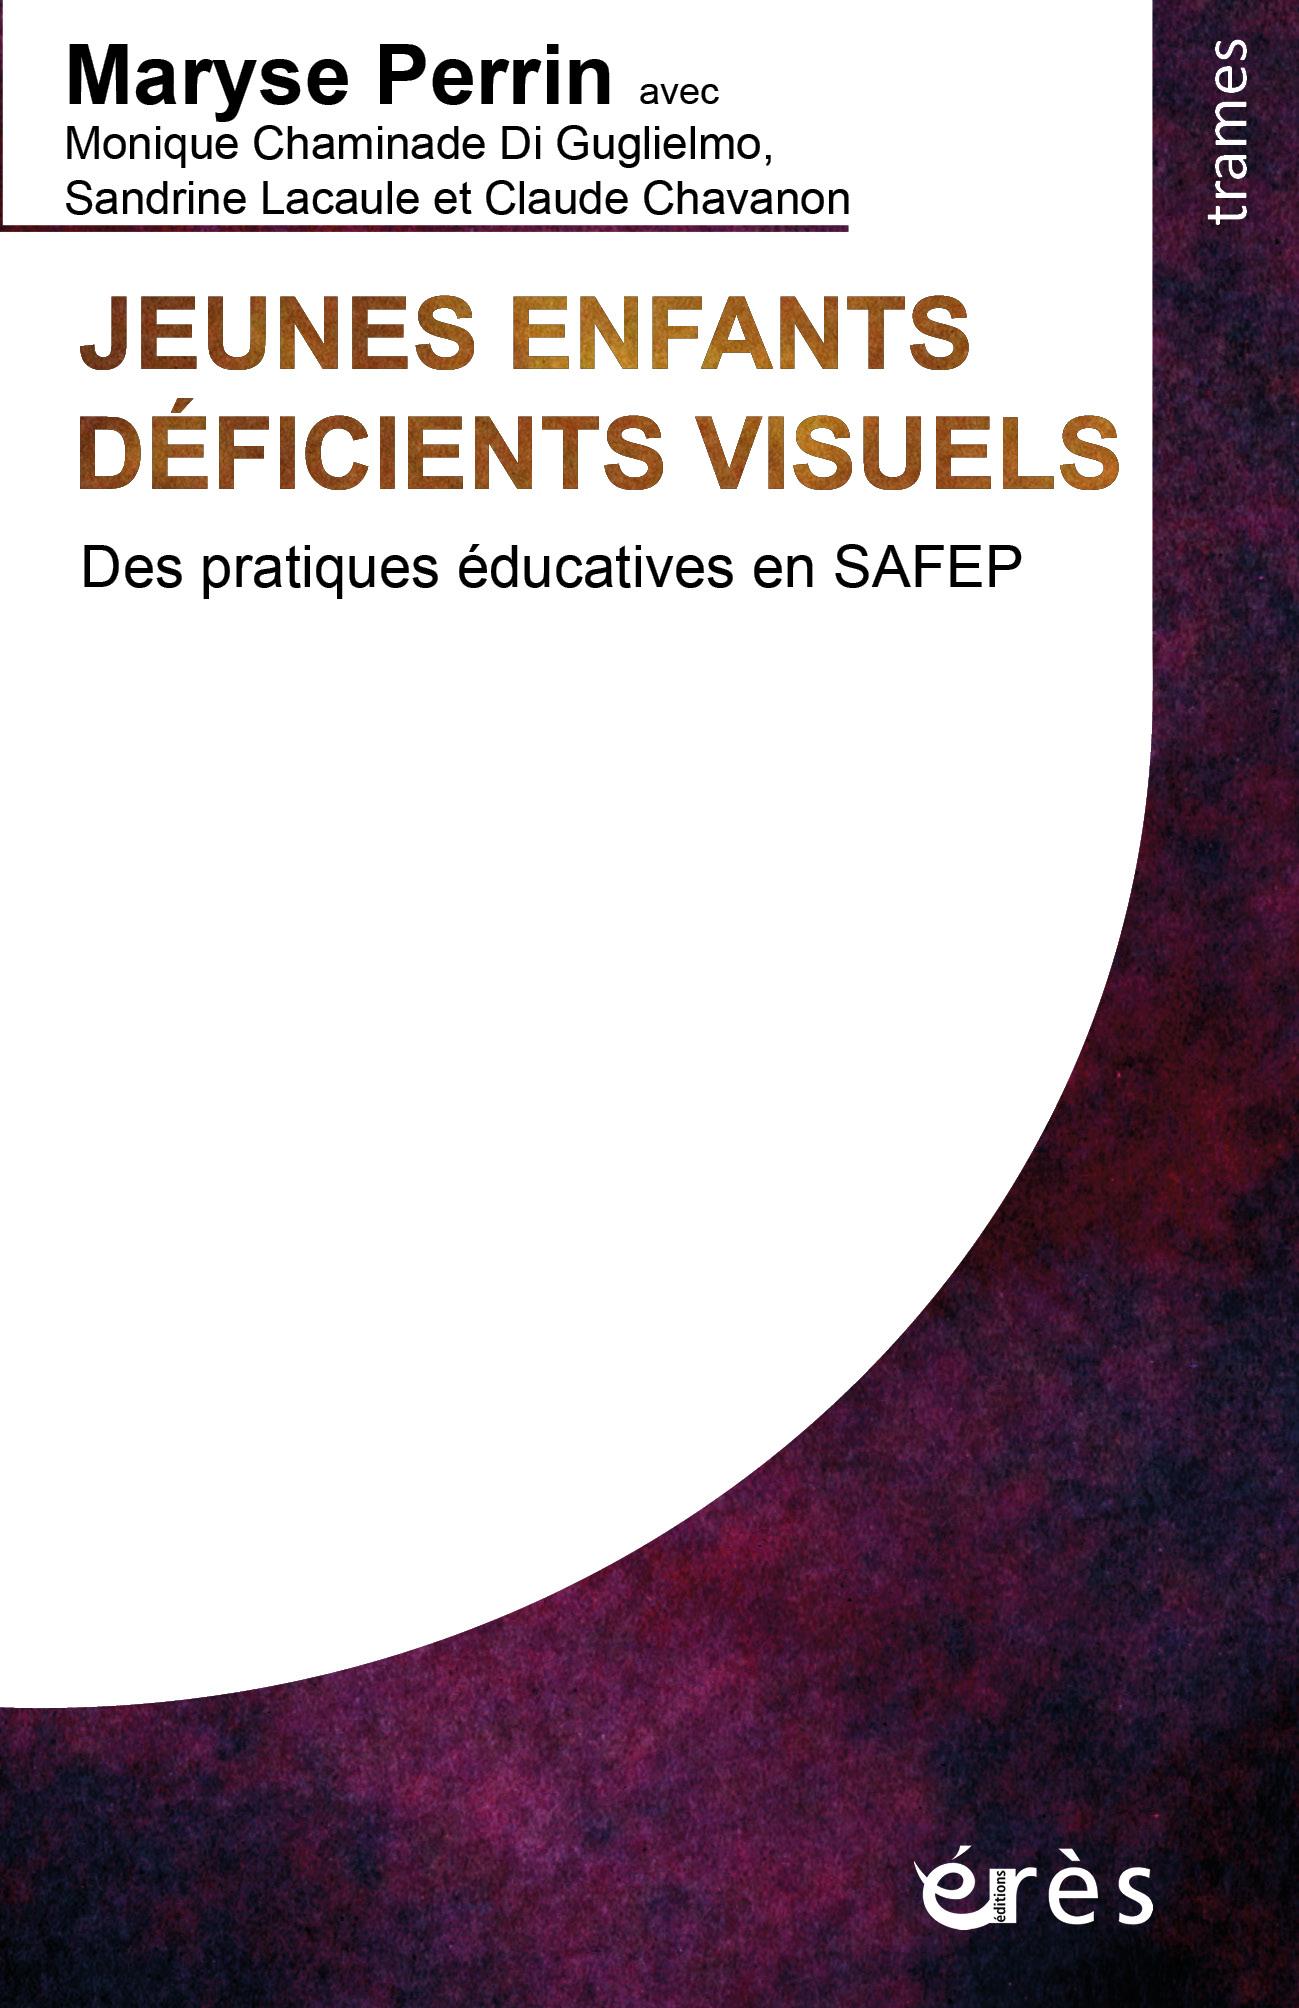 201905275345jeunes-enfants-deficients-visuels-3